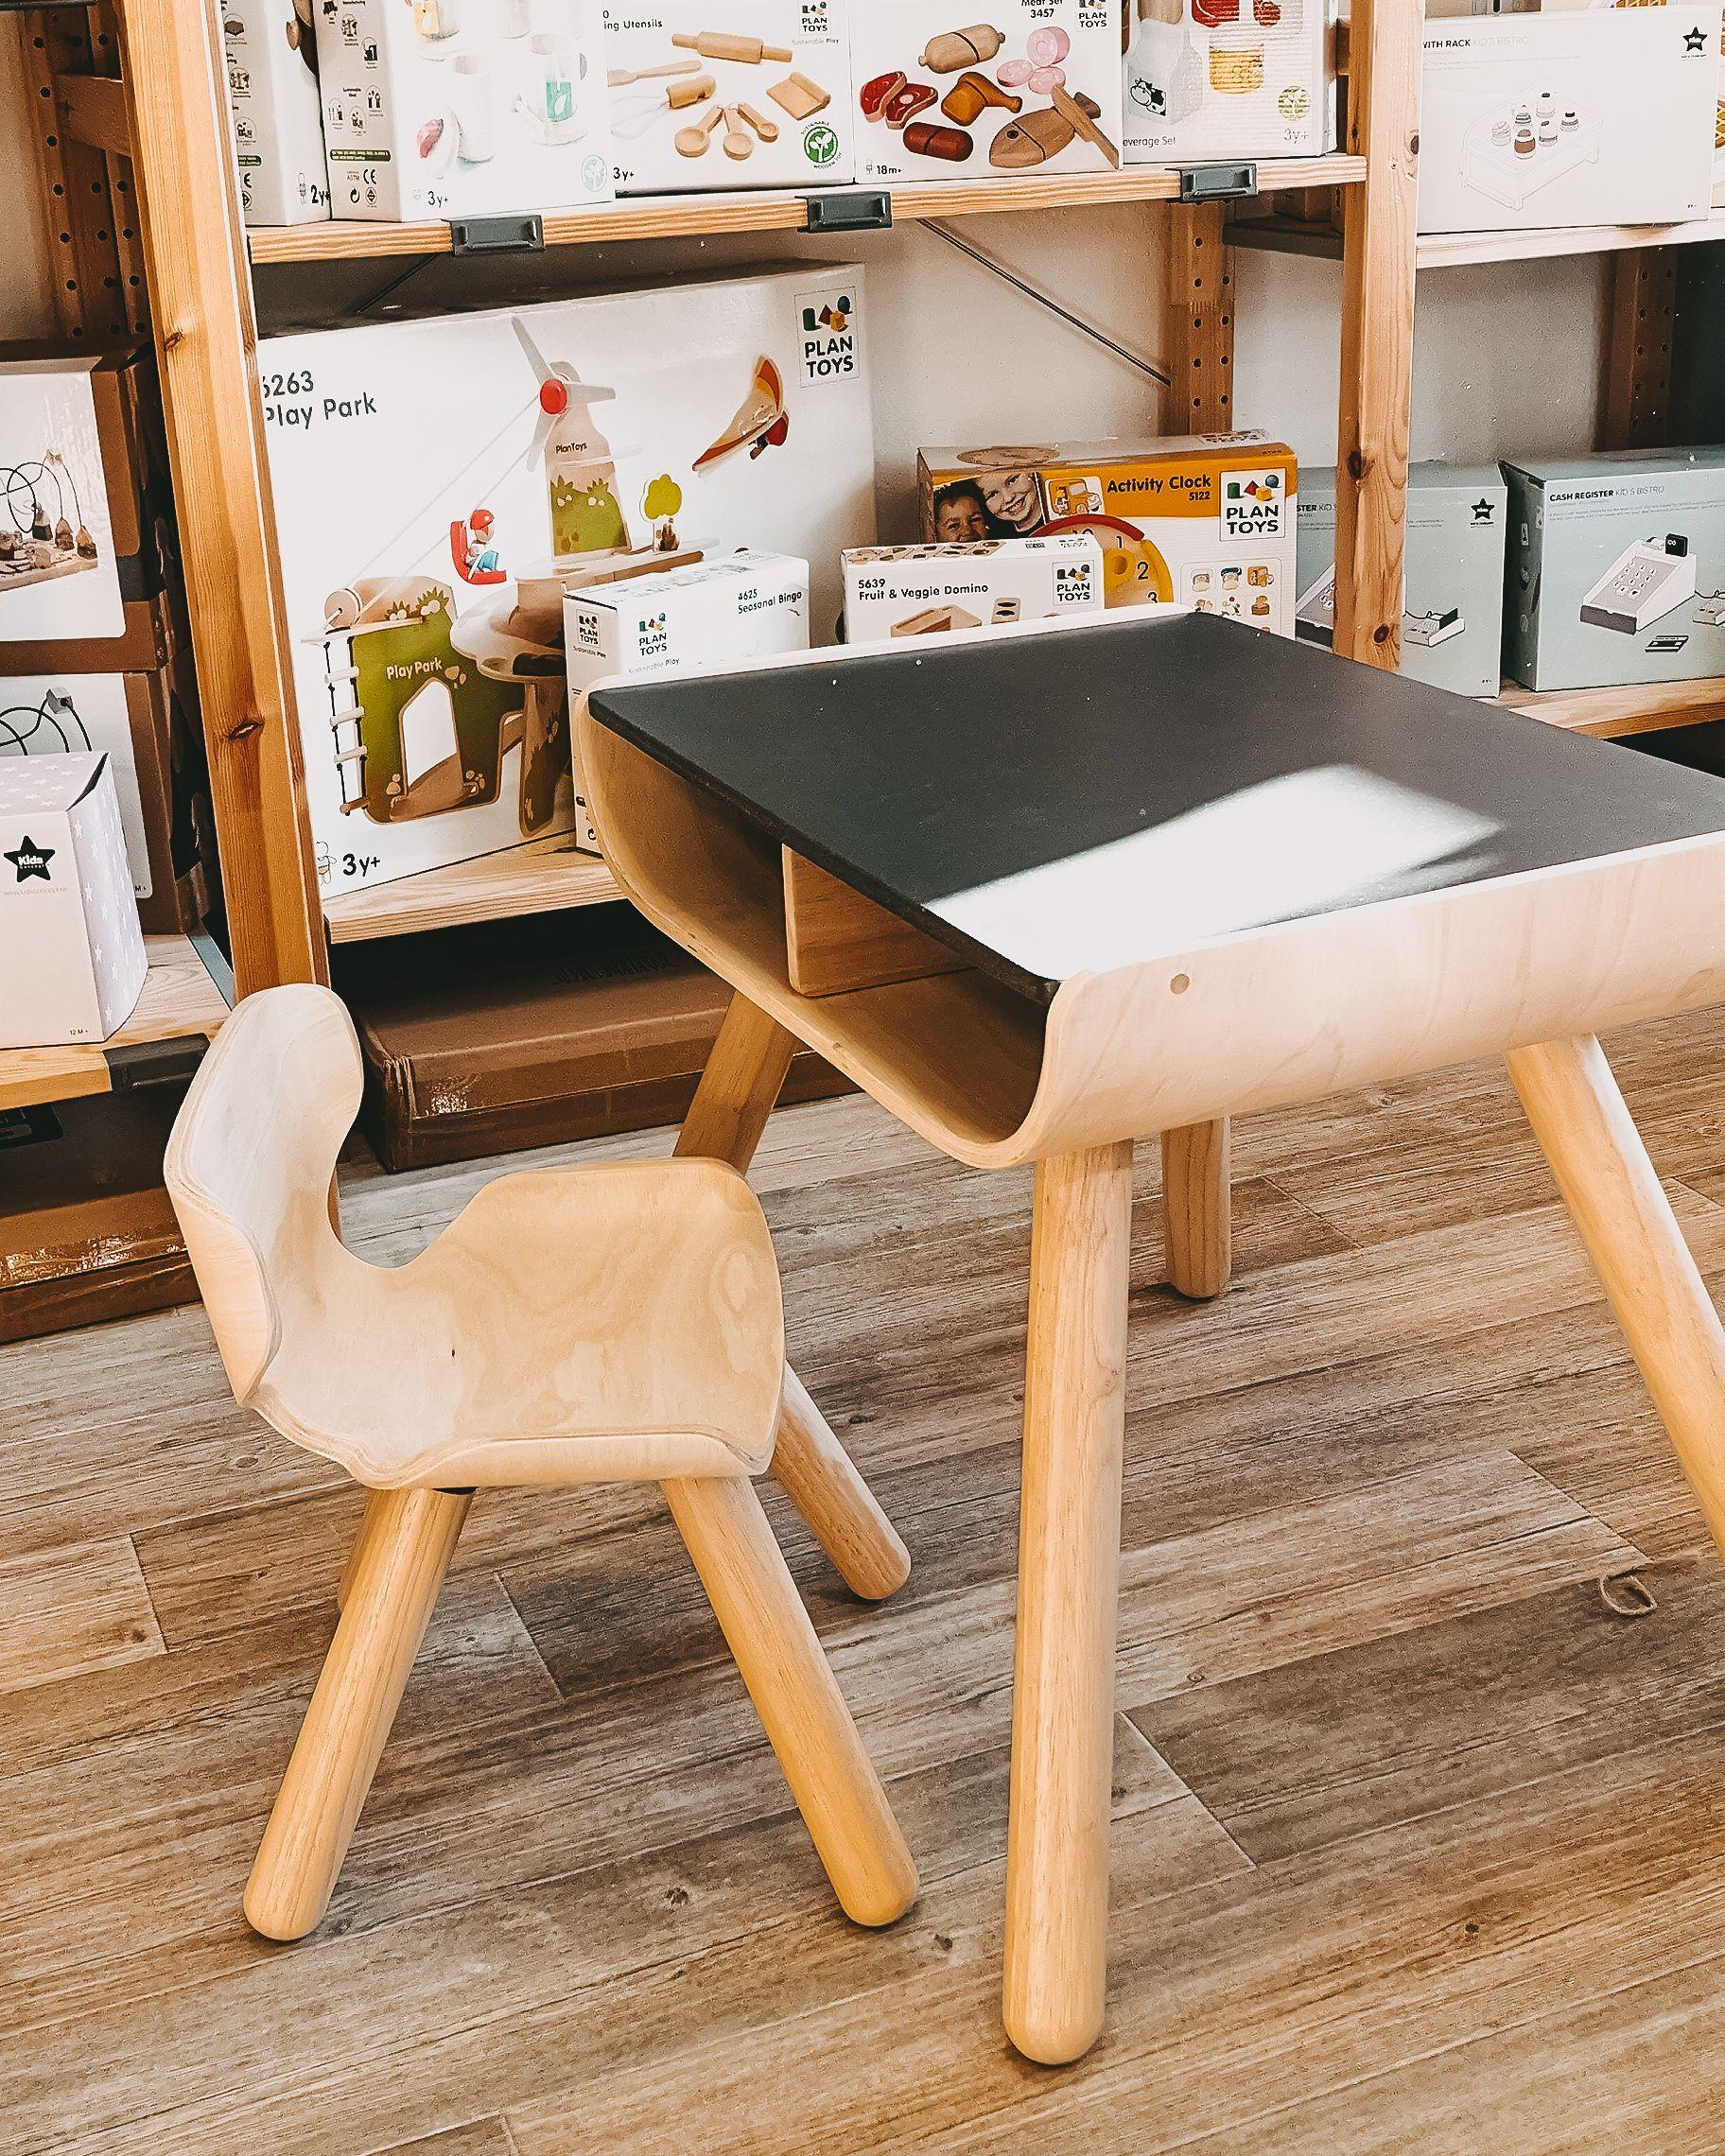 Plantoys Tisch Stuhl Fur Kinder In 2020 Kindertisch Und Stuhle Stuhle Fur Kinder Kindertisch